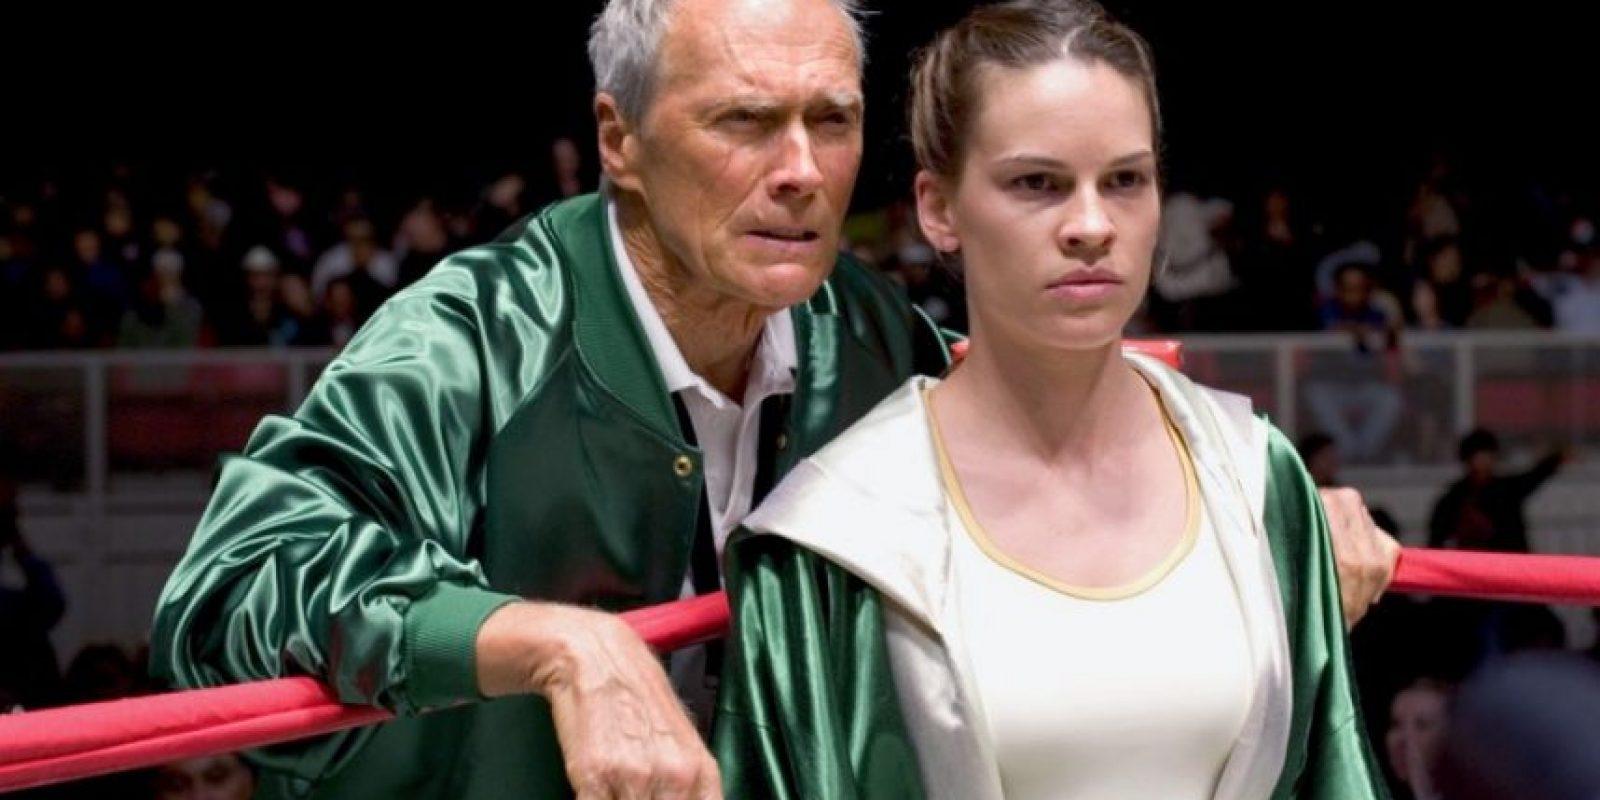 Es la historia de Maggie Fitzgerald (Hilary Swank), una empleada de 31 años de una tienda en Missouri que desea ser boxeadora profesional. Fitzgerald entrena en un gimnasio de Los Ángeles, propiedad de Frankie Dunn (Clint Eastwood), un entrenador que al principio la desaprueba, pero con el tiempo se convierte en su mejor amigo. Foto:Warner Bros